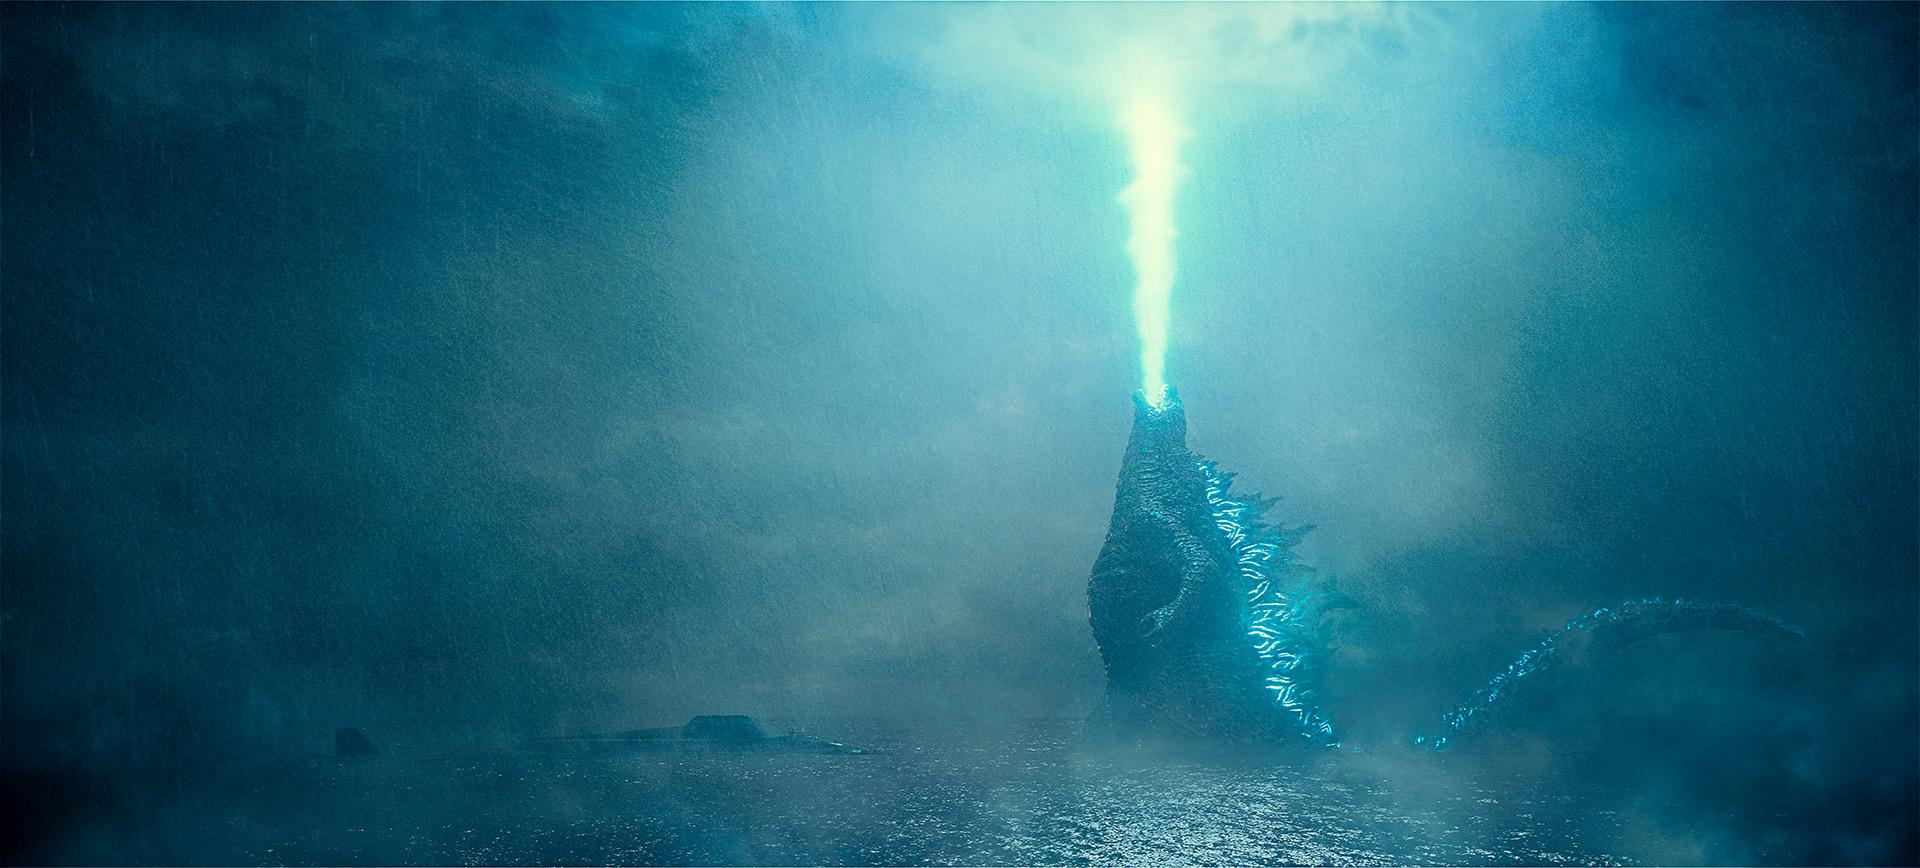 Кадр из фильма «Годзилла 2: Король монстров»